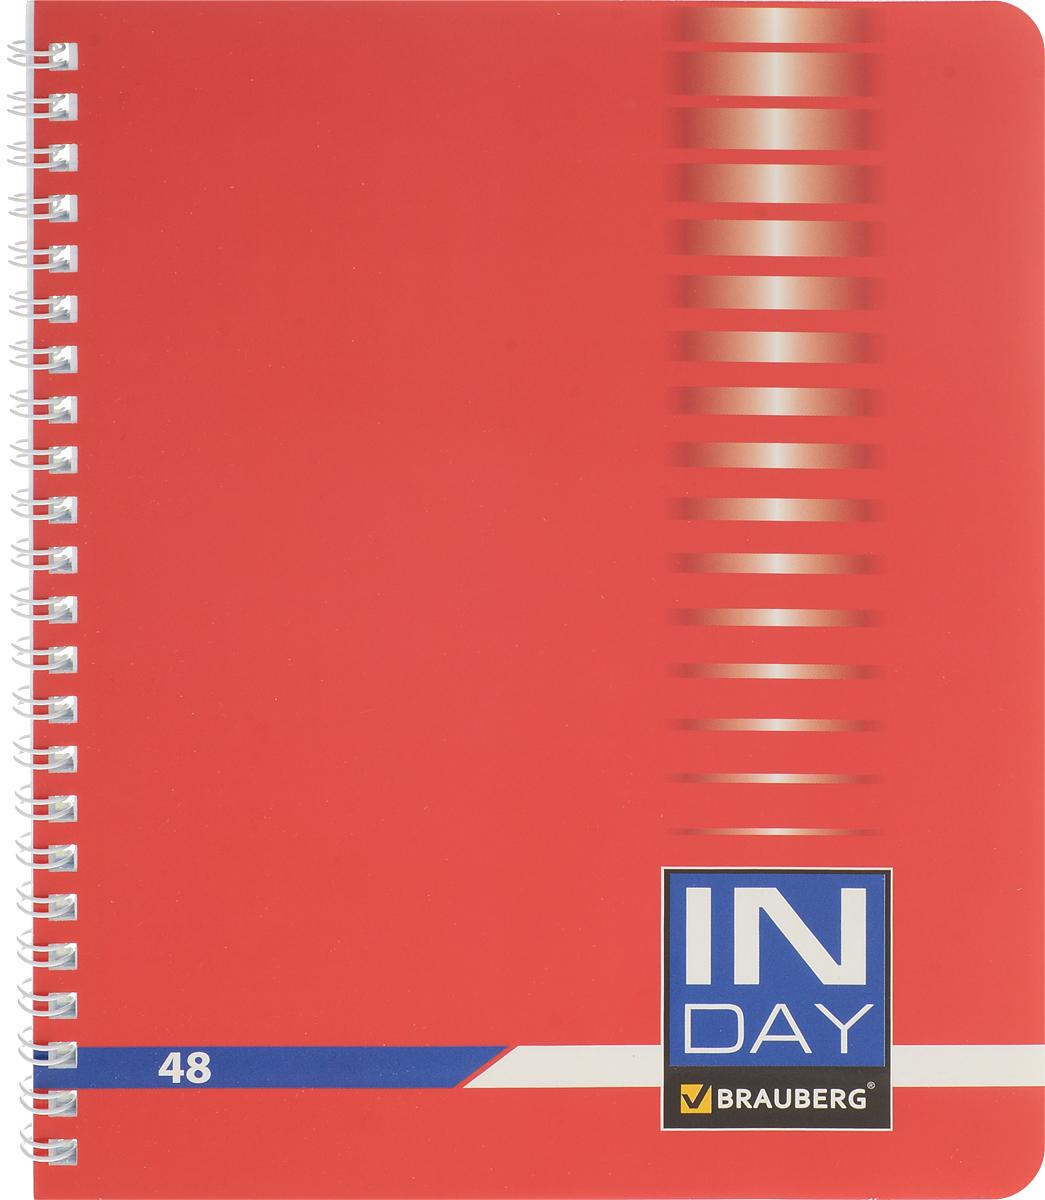 Brauberg Тетрадь In Day 48 листов в клетку цвет красный400524_красныйТетрадь Brauberg In Day для учебы и работы.Обложка, выполненная из плотного мелованного картона, позволит сохранить тетрадь в аккуратном состоянии на протяжении всего времени использования.Внутренний блок тетради, соединенный гребнем, состоит из 48 листов белой бумаги. Стандартная линовка в клетку голубого цвета не имеет полей. Страницы тетради дополнены микроперфорацией для удобного отрыва листов.